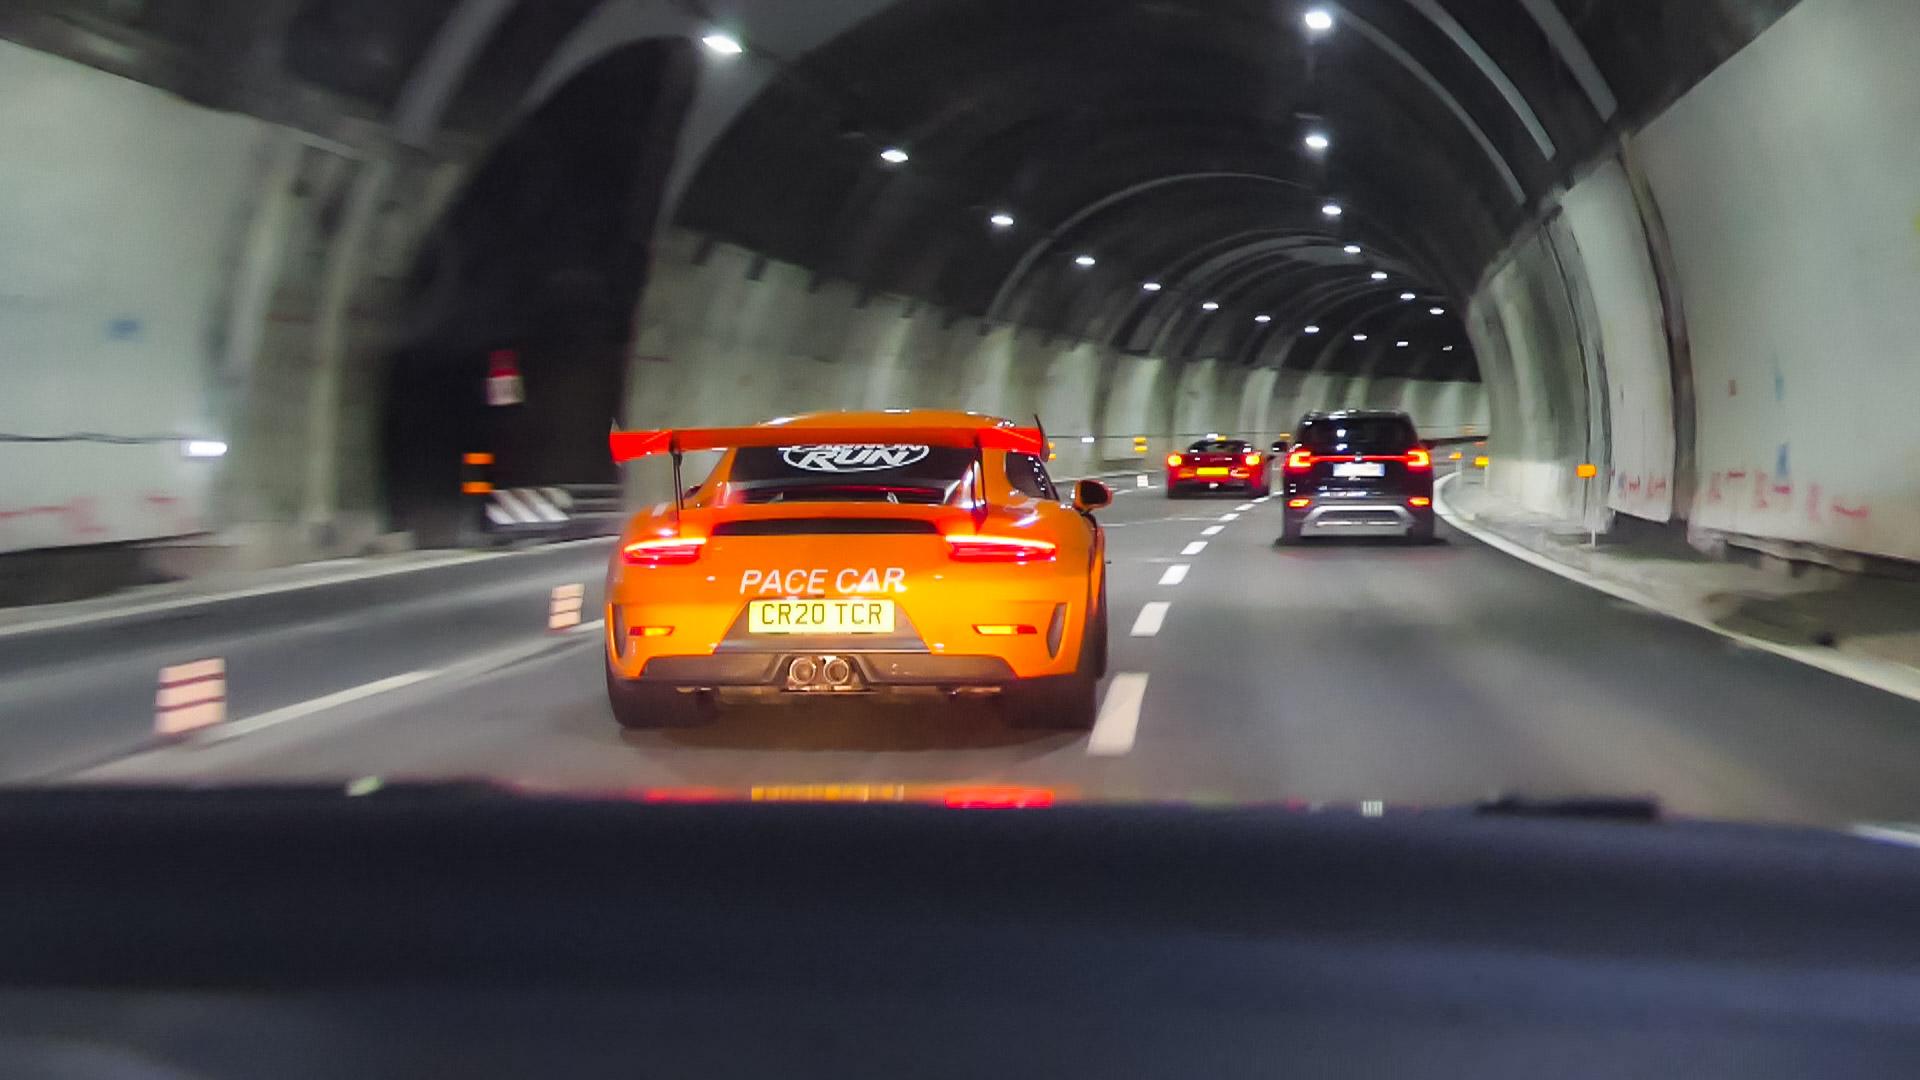 Porsche 911 991.2 GT3 RS - CR20-TCR (CH)